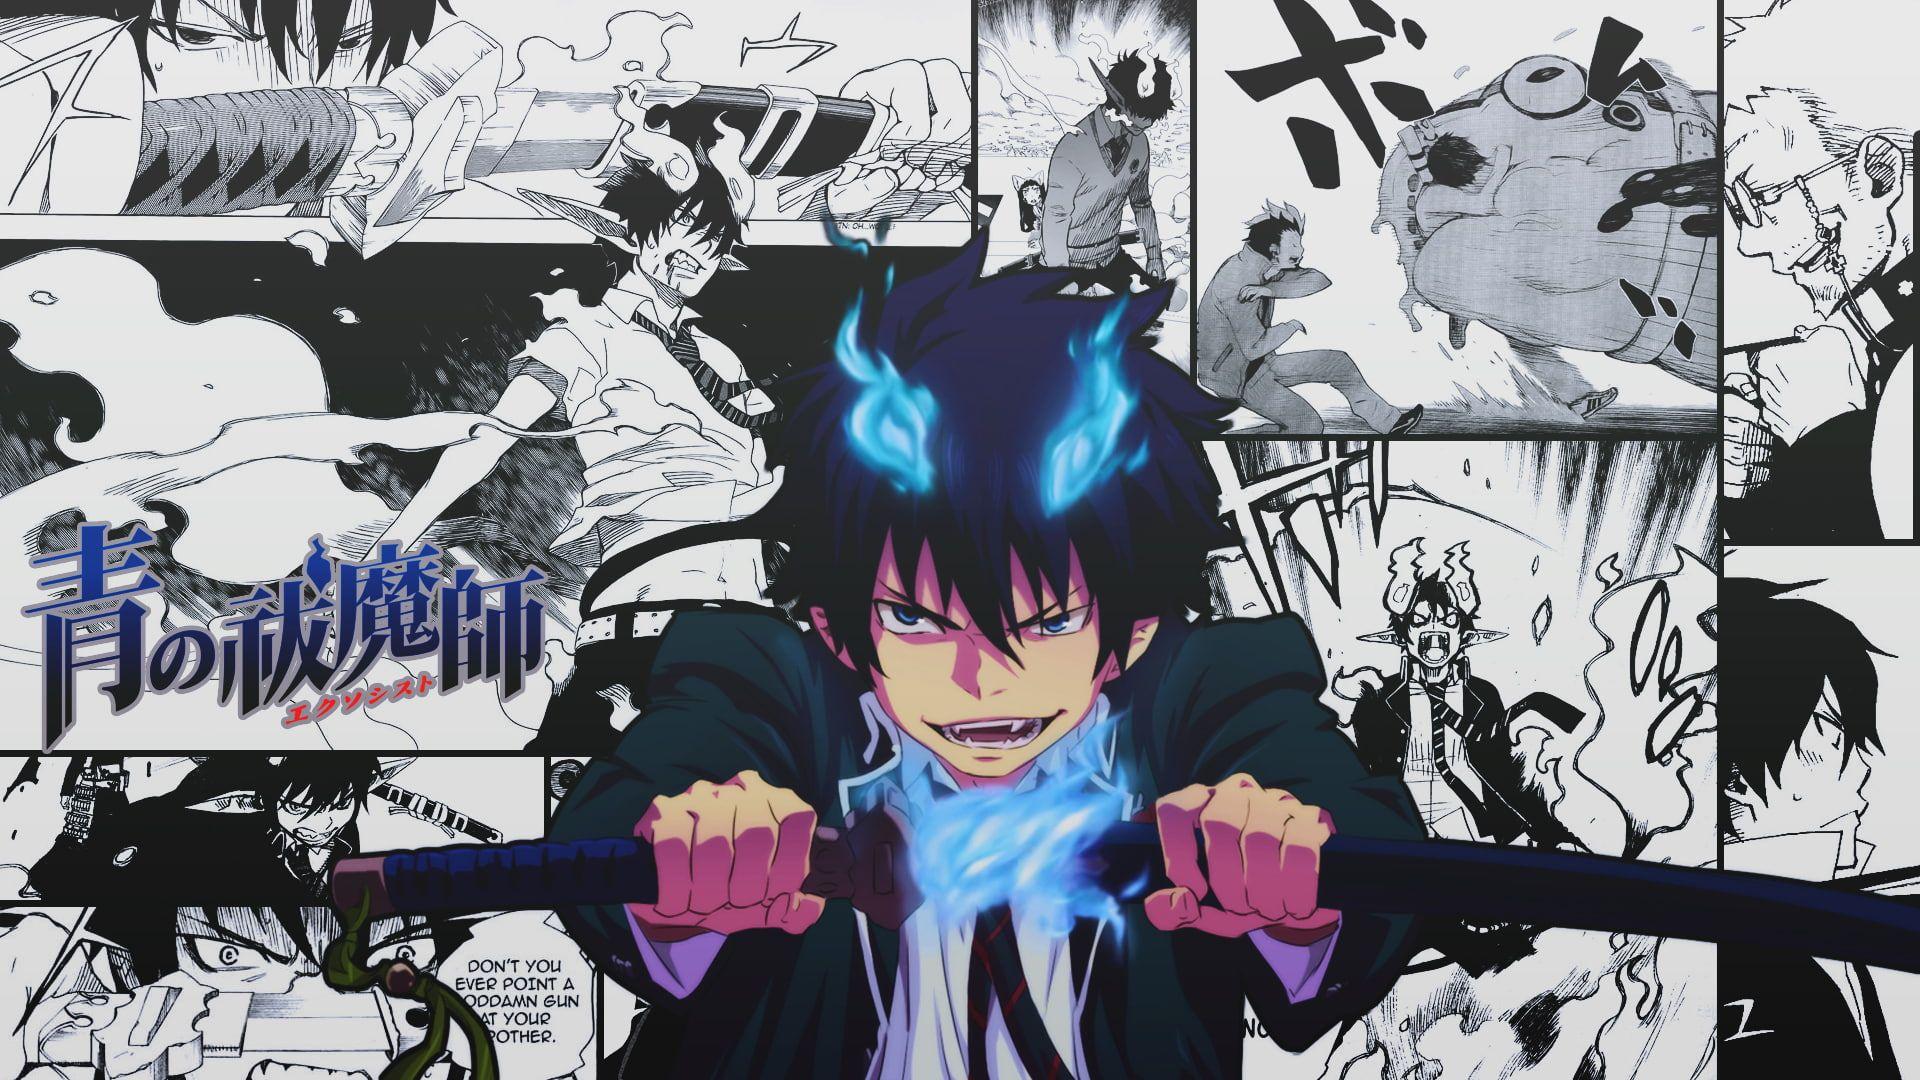 Blue Exorcist Okumura Rin Manga 1080p Wallpaper Hdwallpaper Desktop Blue Exorcist Blue Exorcist Anime Blue Exorcist Rin